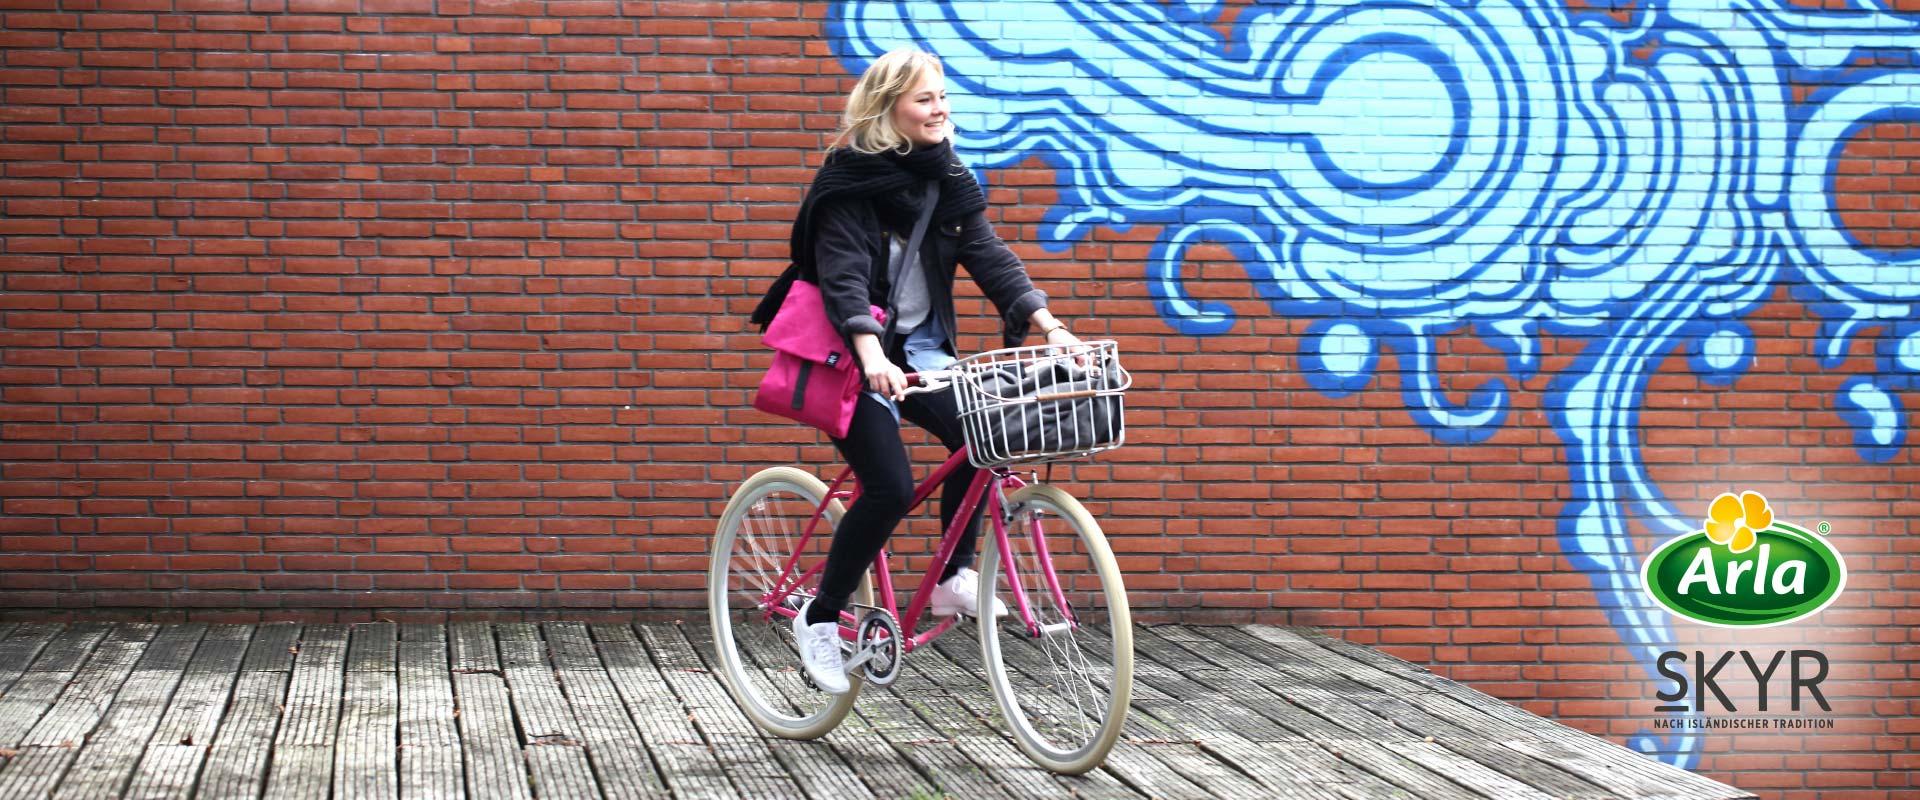 Gewinnspiel Fahrrad - Arla-skyr